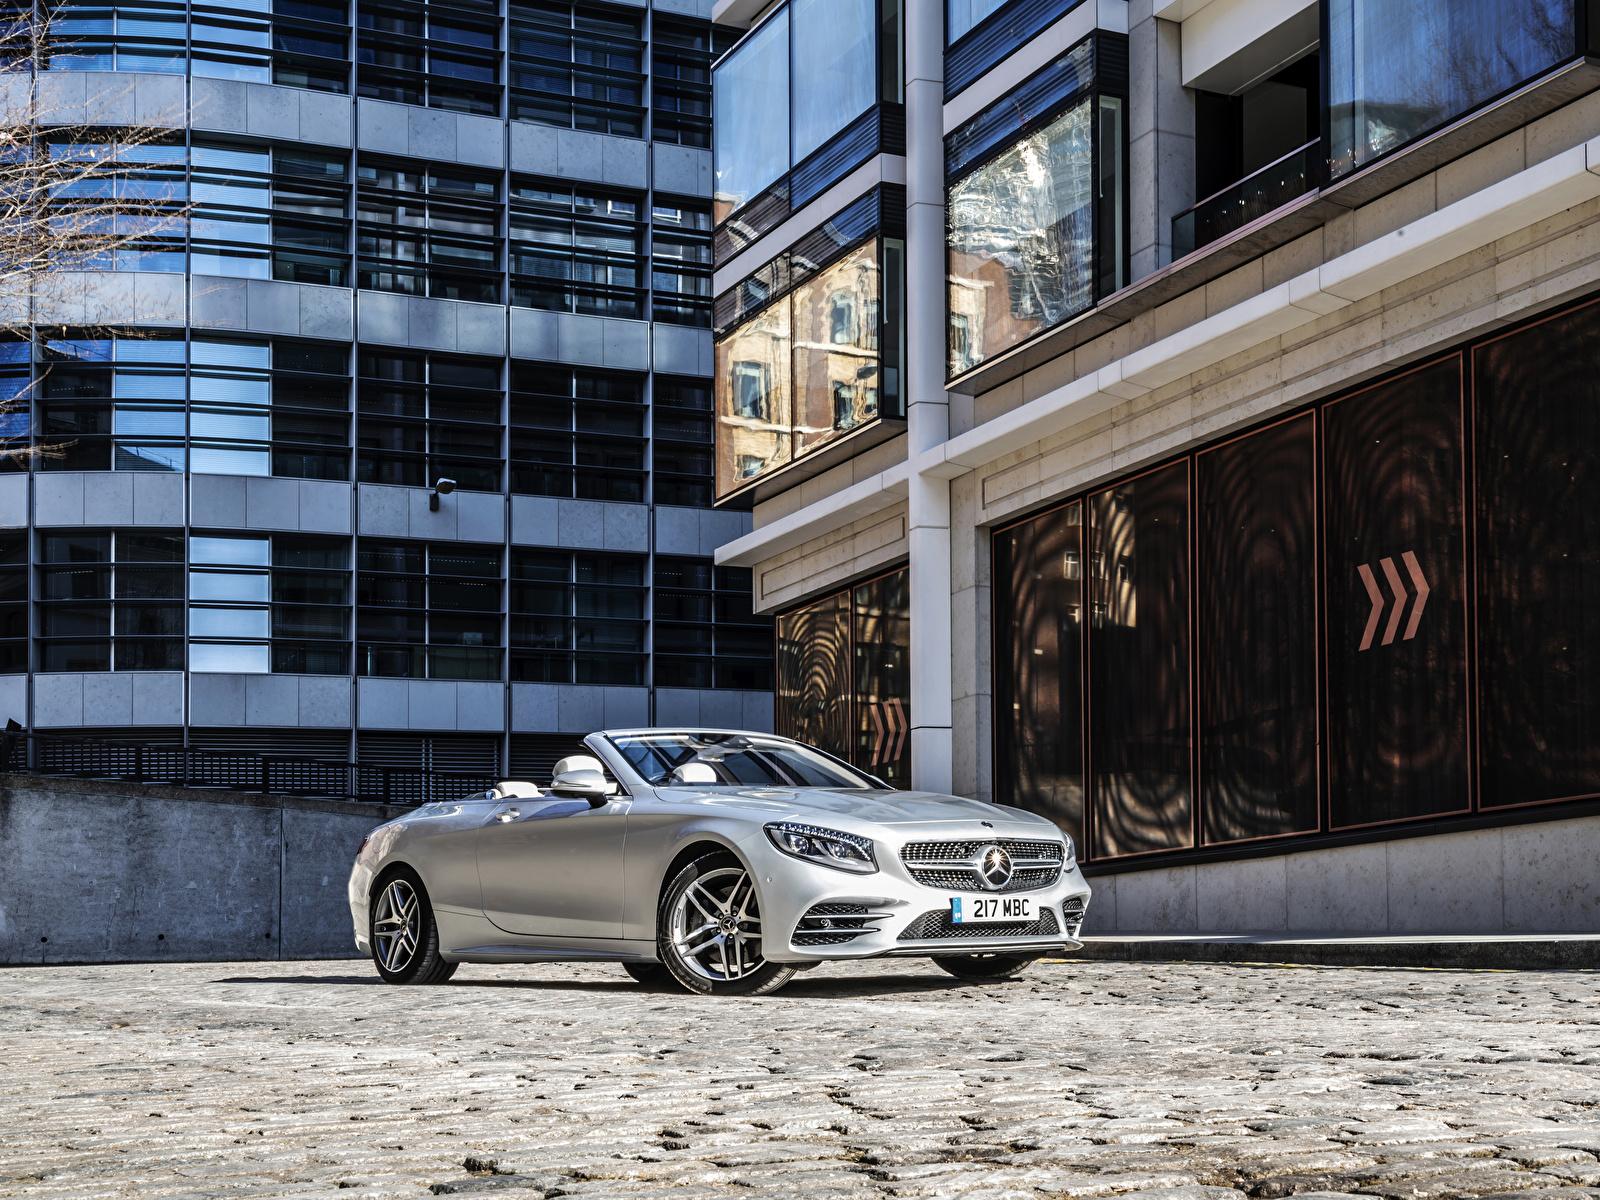 Картинки Mercedes-Benz 2018-19 S 560 Cabriolet AMG Line Кабриолет серебристая машины 1600x1200 Мерседес бенц кабриолета серебряный серебряная Серебристый авто машина автомобиль Автомобили